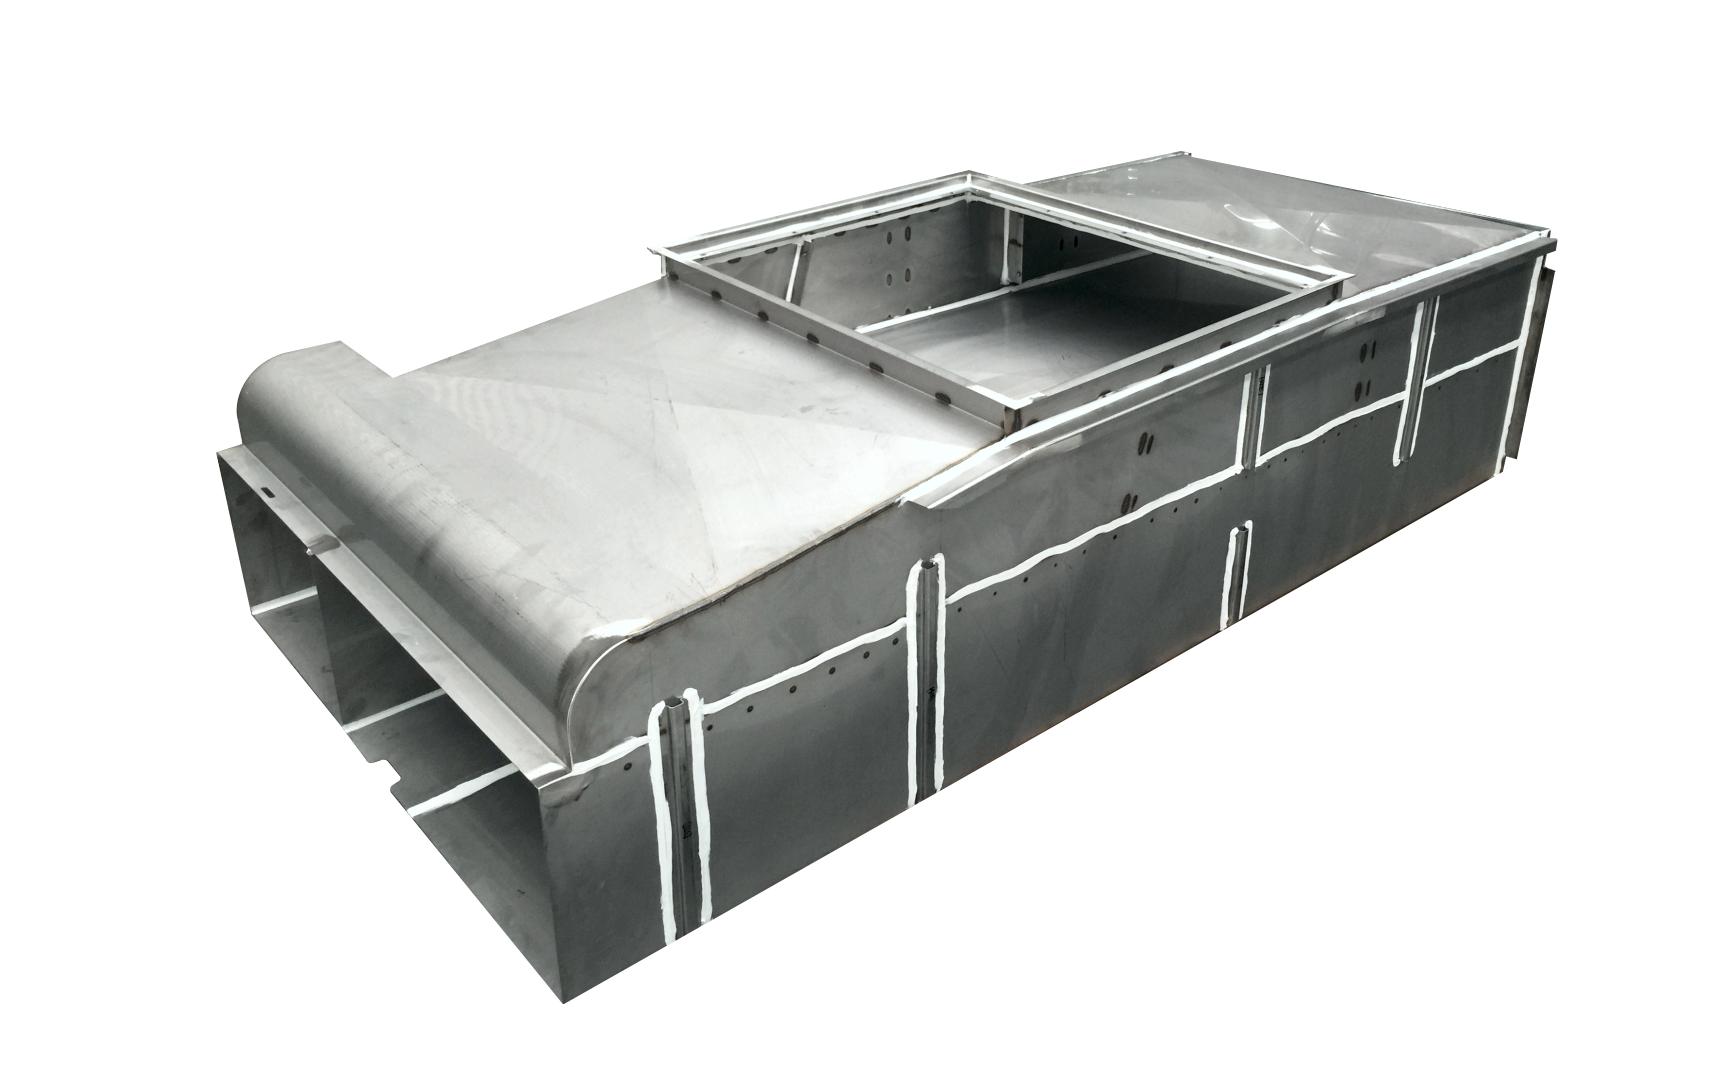 Train Air Conditioning Duct Metaltex Australia